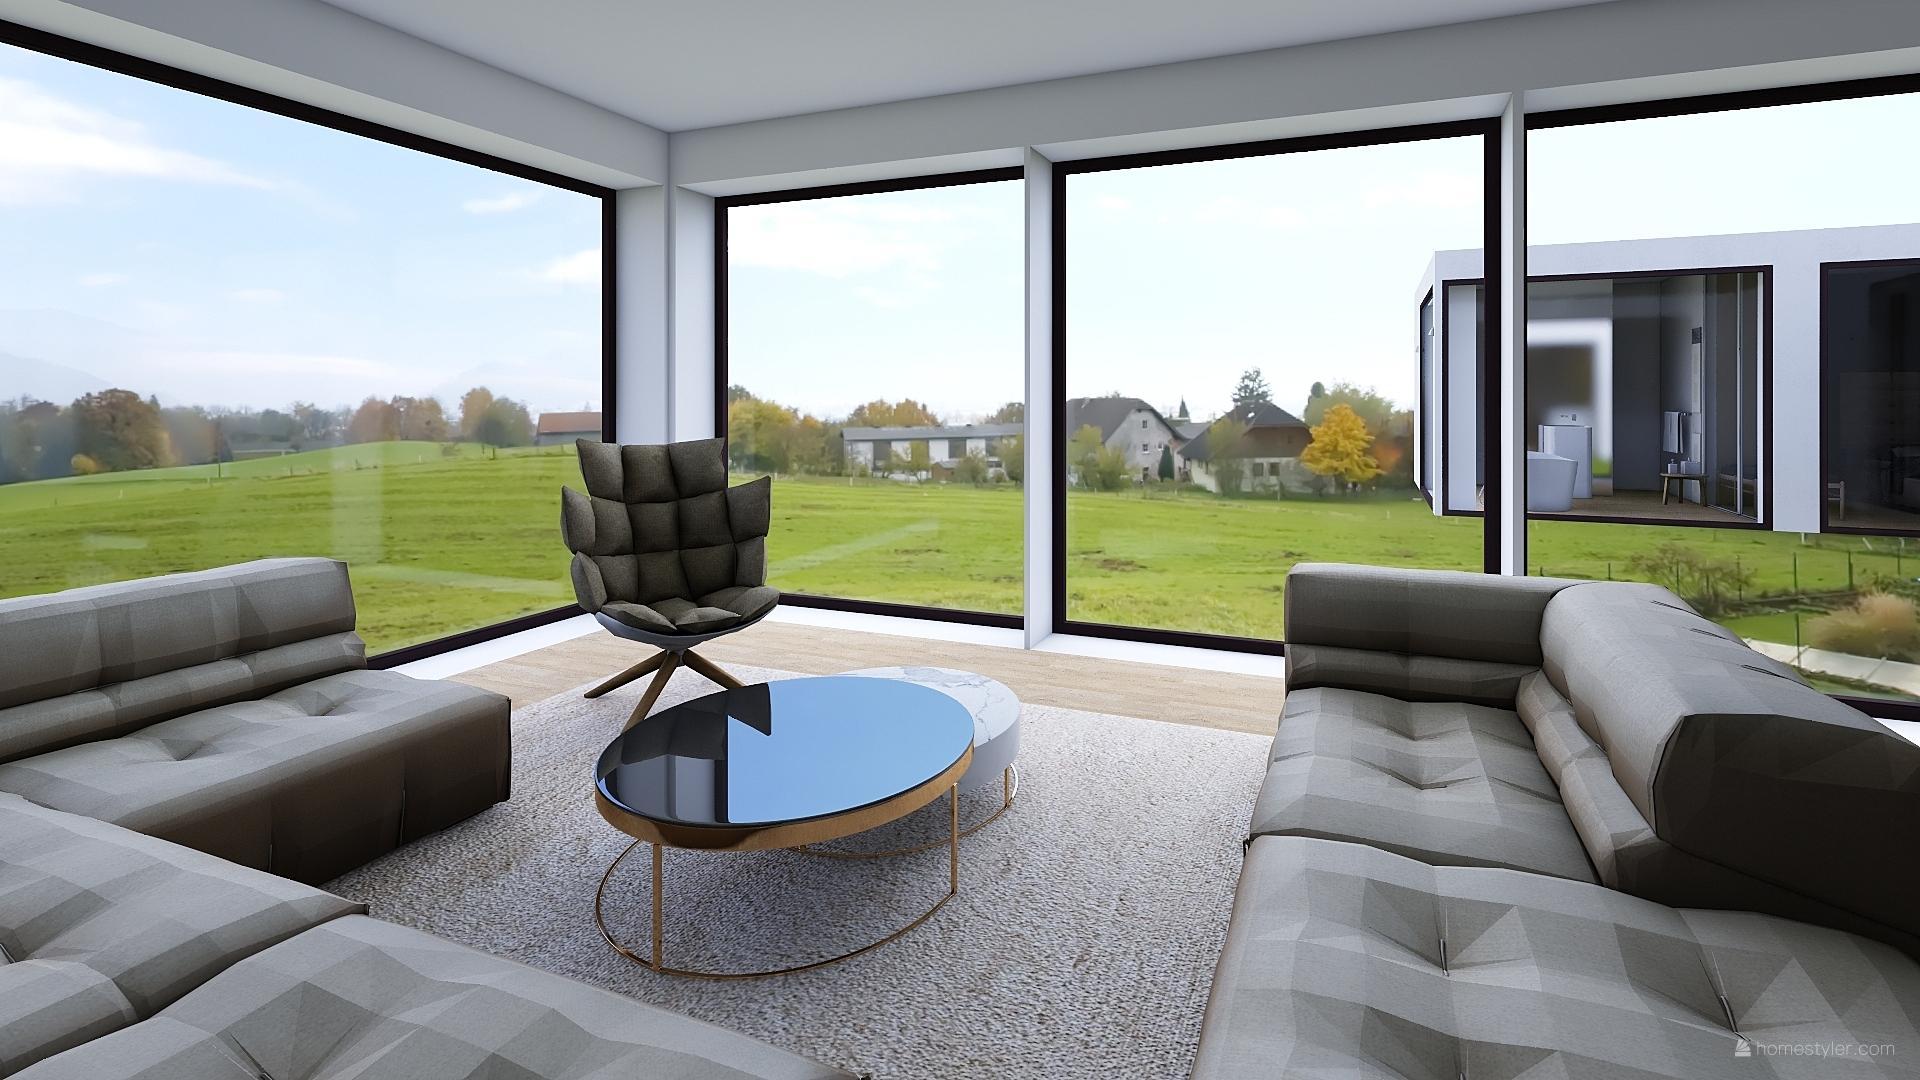 Mé dokonale nedokonalé vizualizace našeho budoucího domu - Sezení v obýváku.